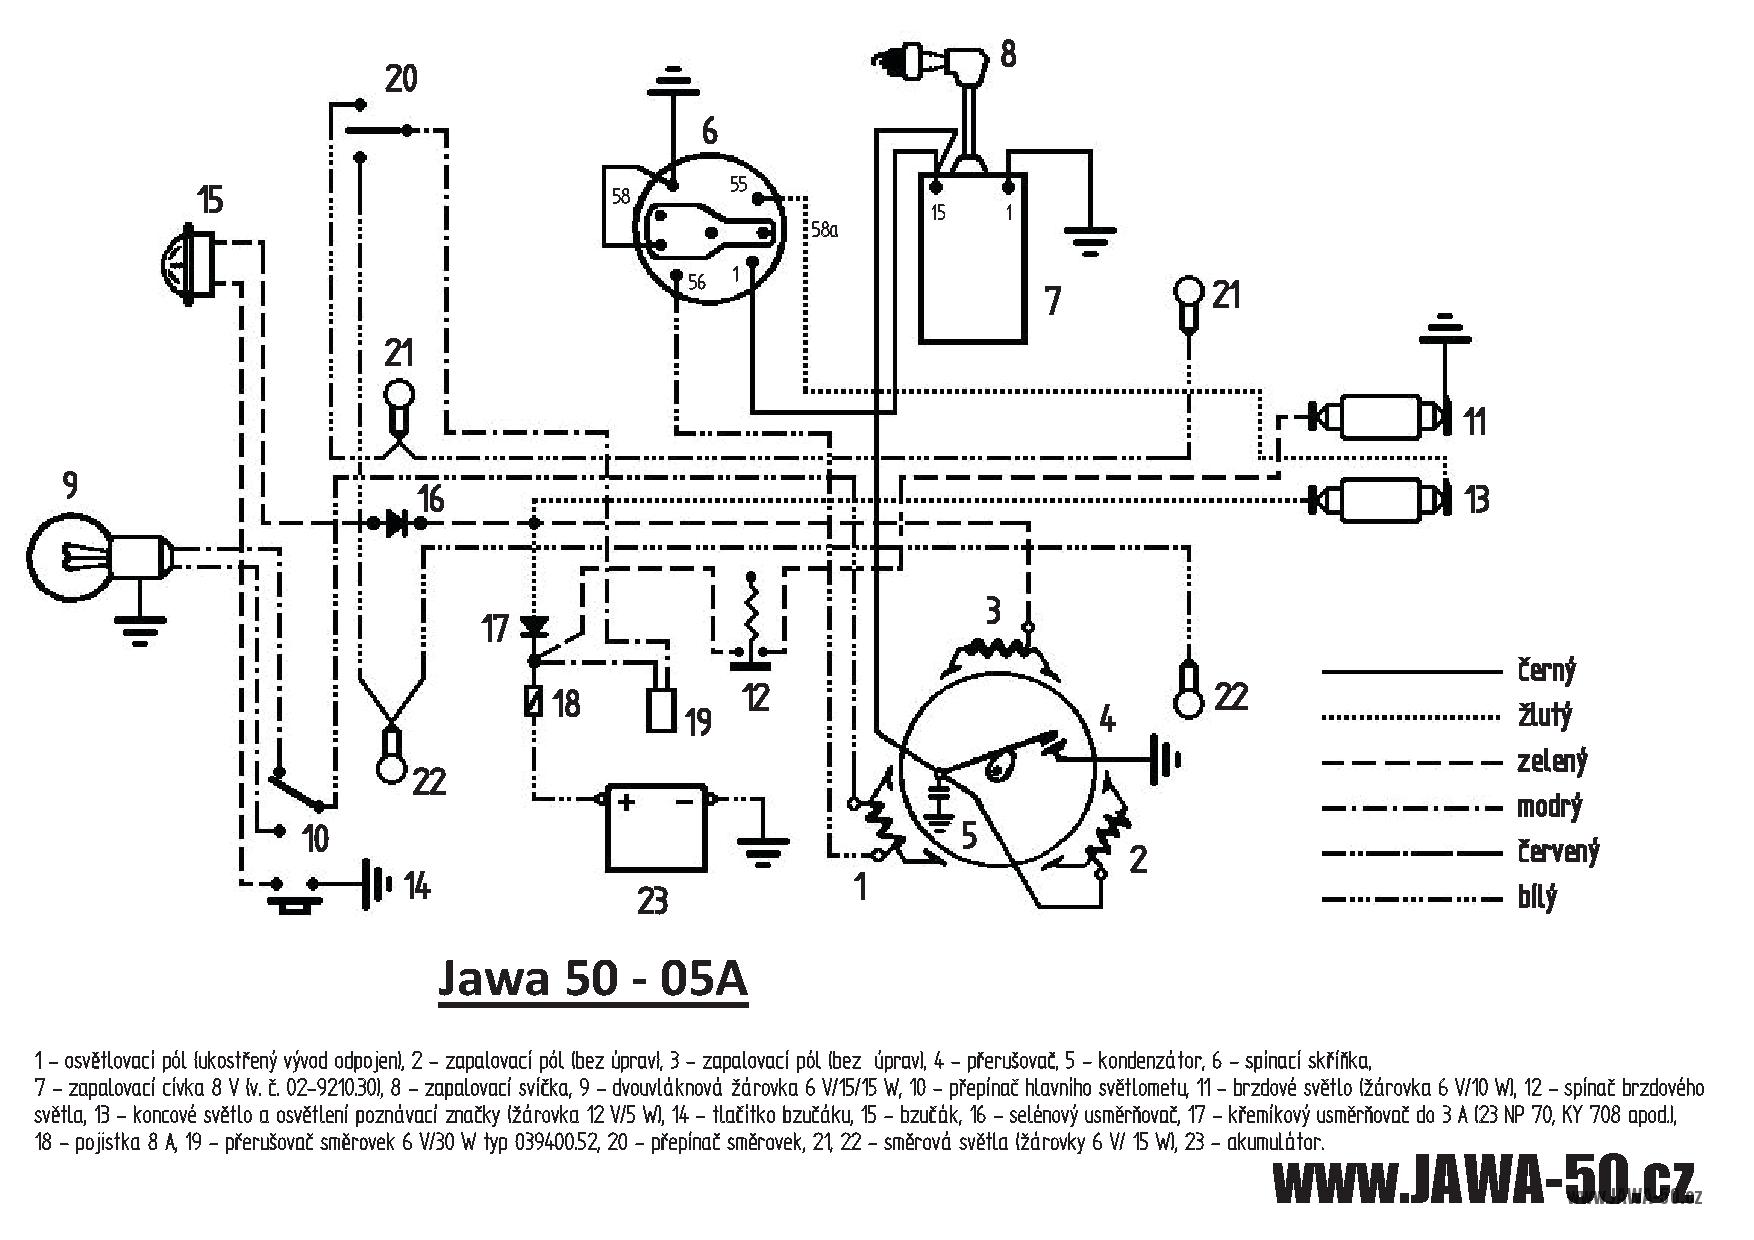 Elektroinstalace Zmeny V Prubehu Vyroby Jawa 50 Pionyr